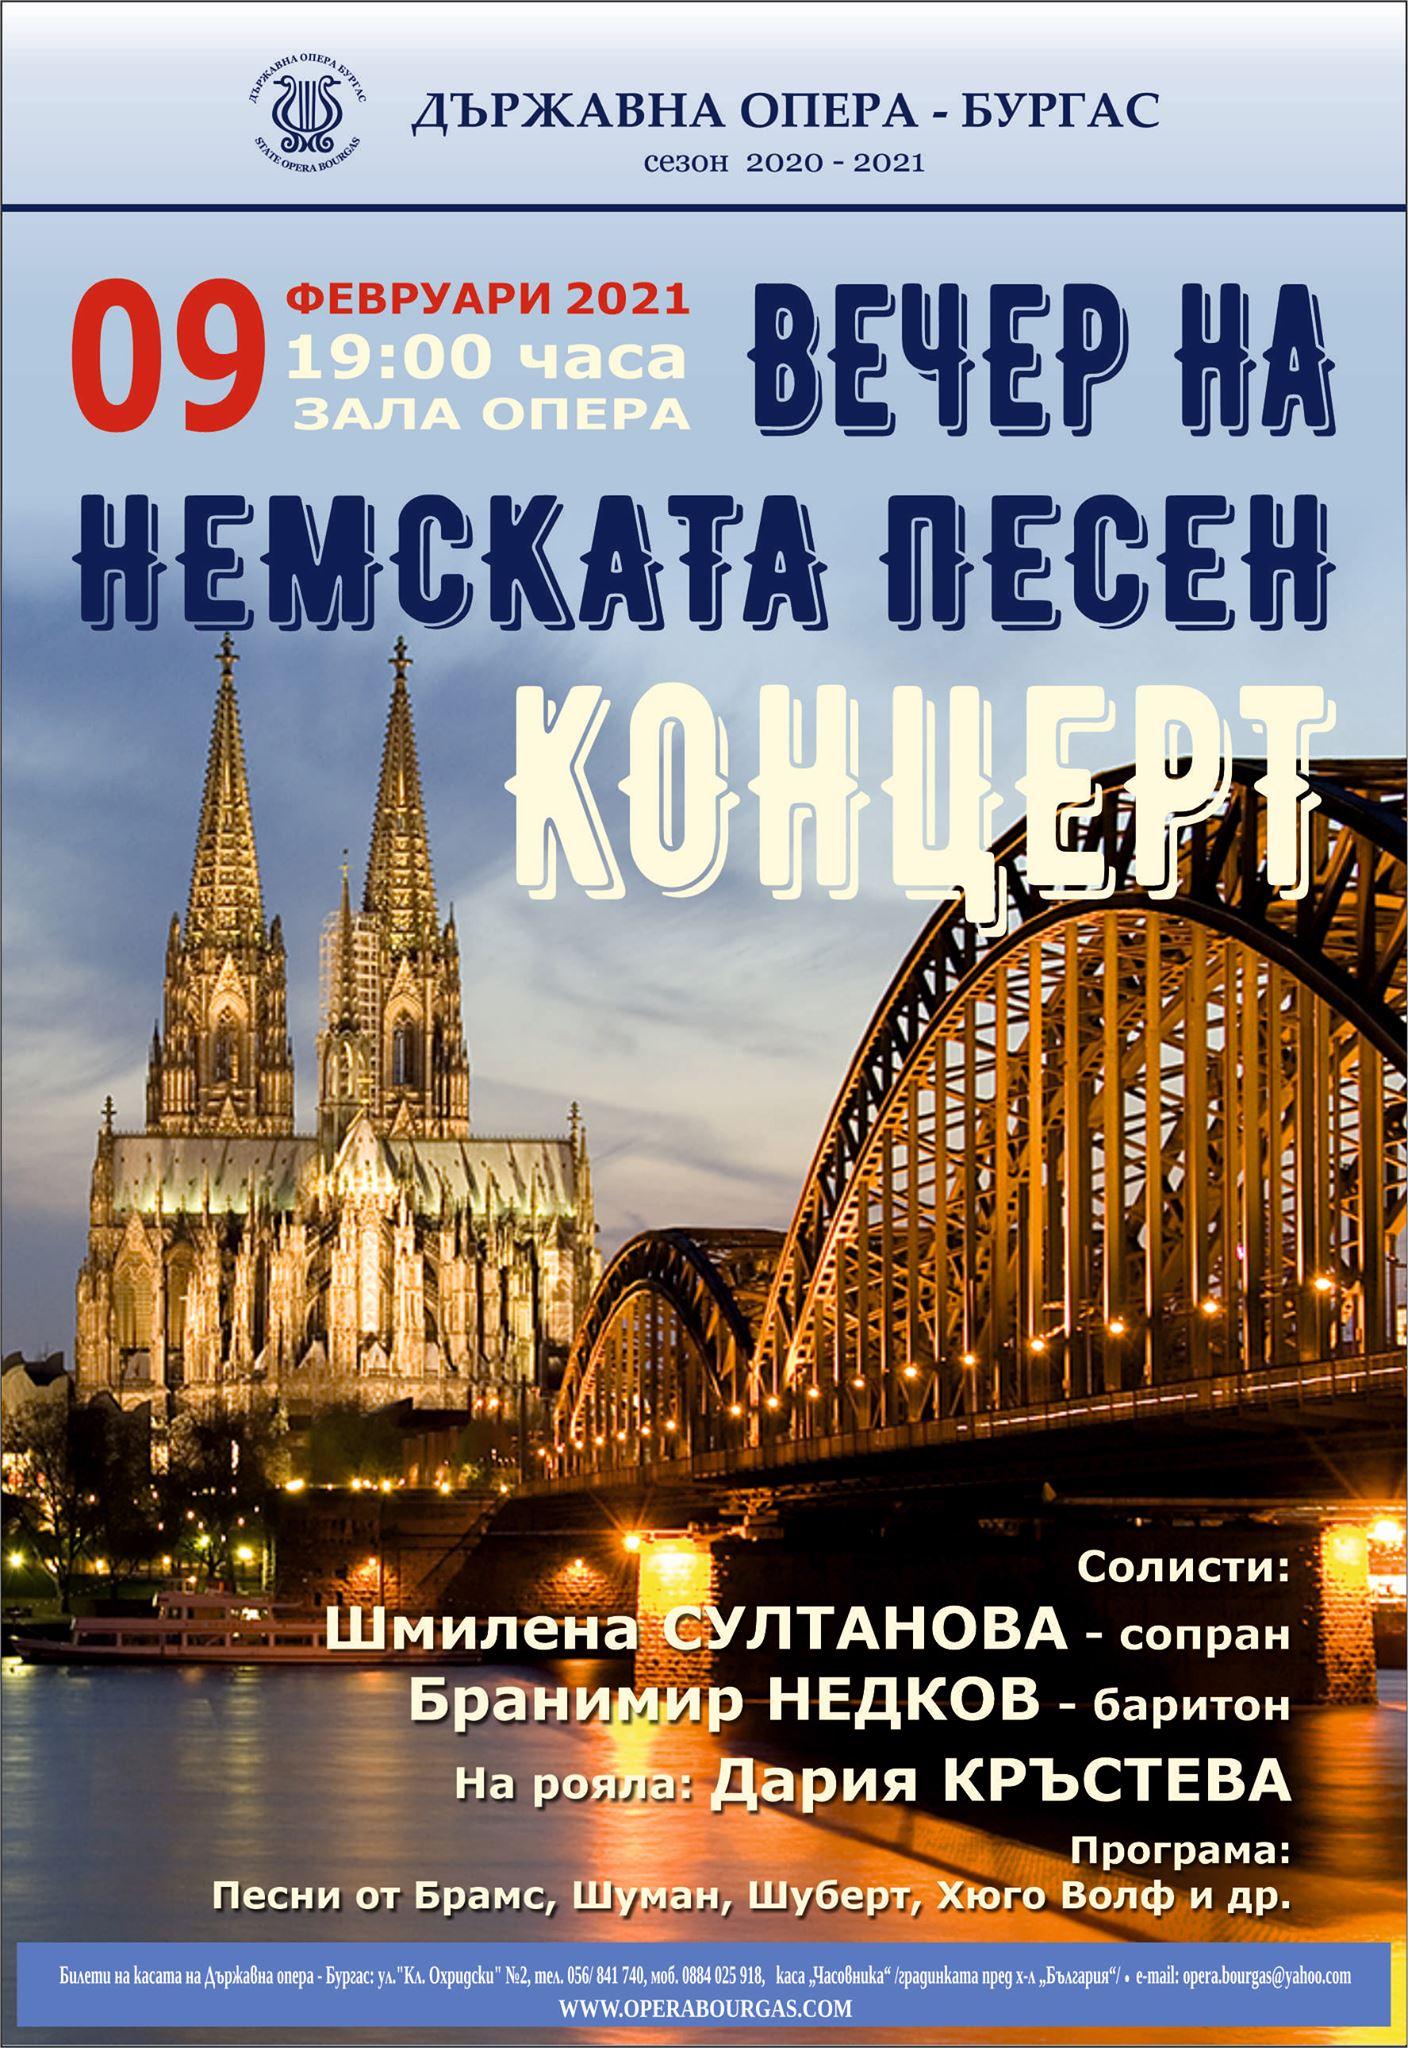 Вечер на немската песен